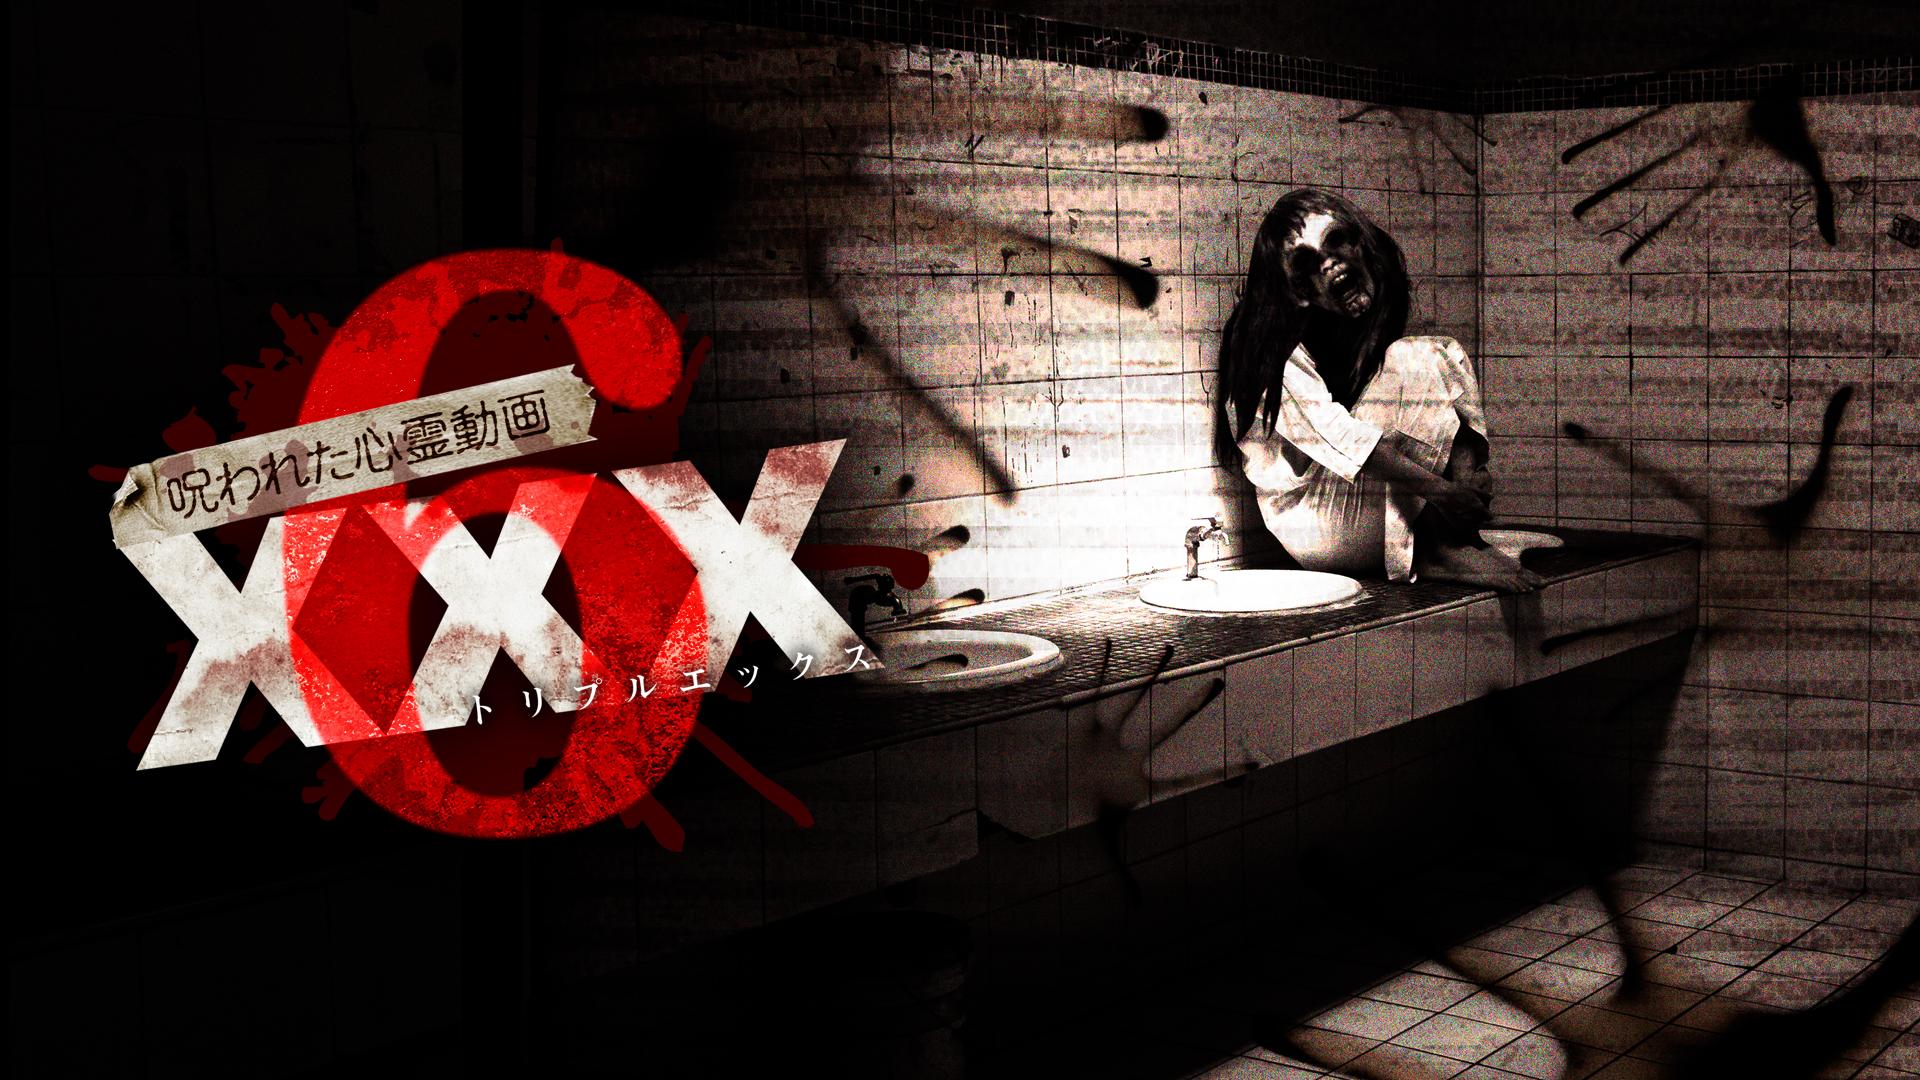 呪われた心霊動画 XXX(トリプルエックス)6